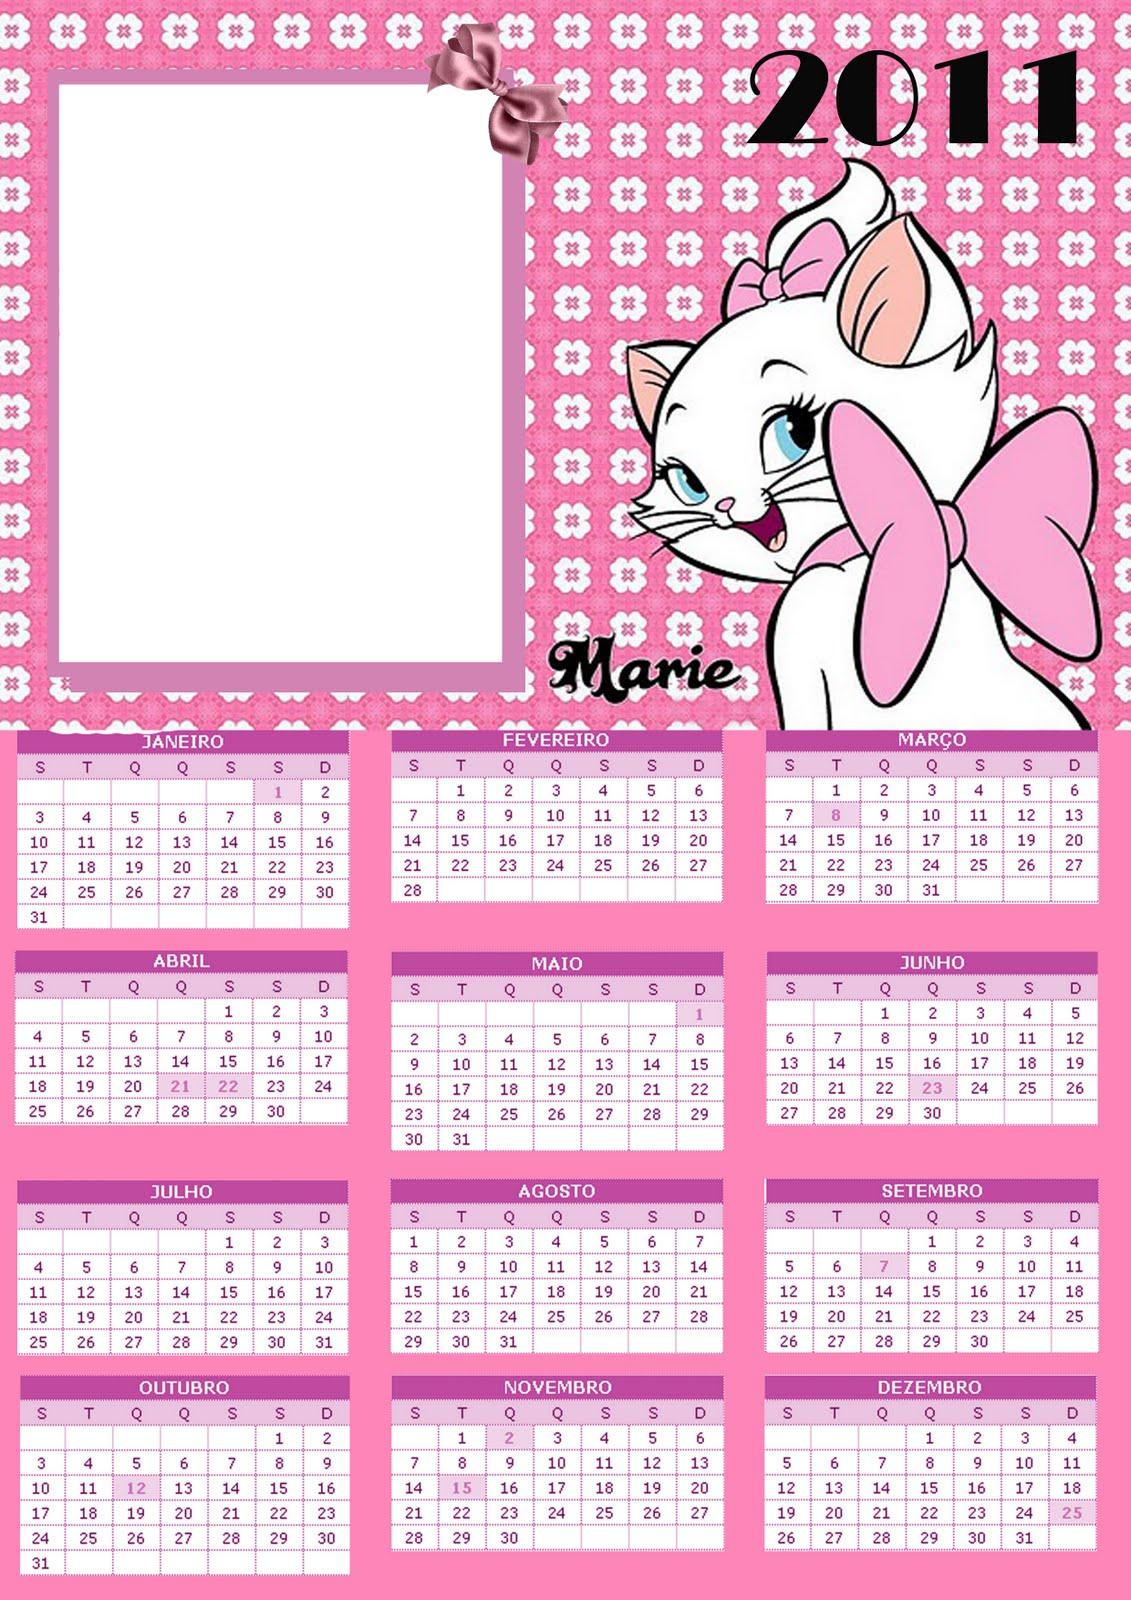 http://3.bp.blogspot.com/_Y5VHIIGTJ1c/TK_r7uHLM-I/AAAAAAAAQ5s/n2KAxo2kwW4/s1600/Gatinha+Marie-712484.jpg